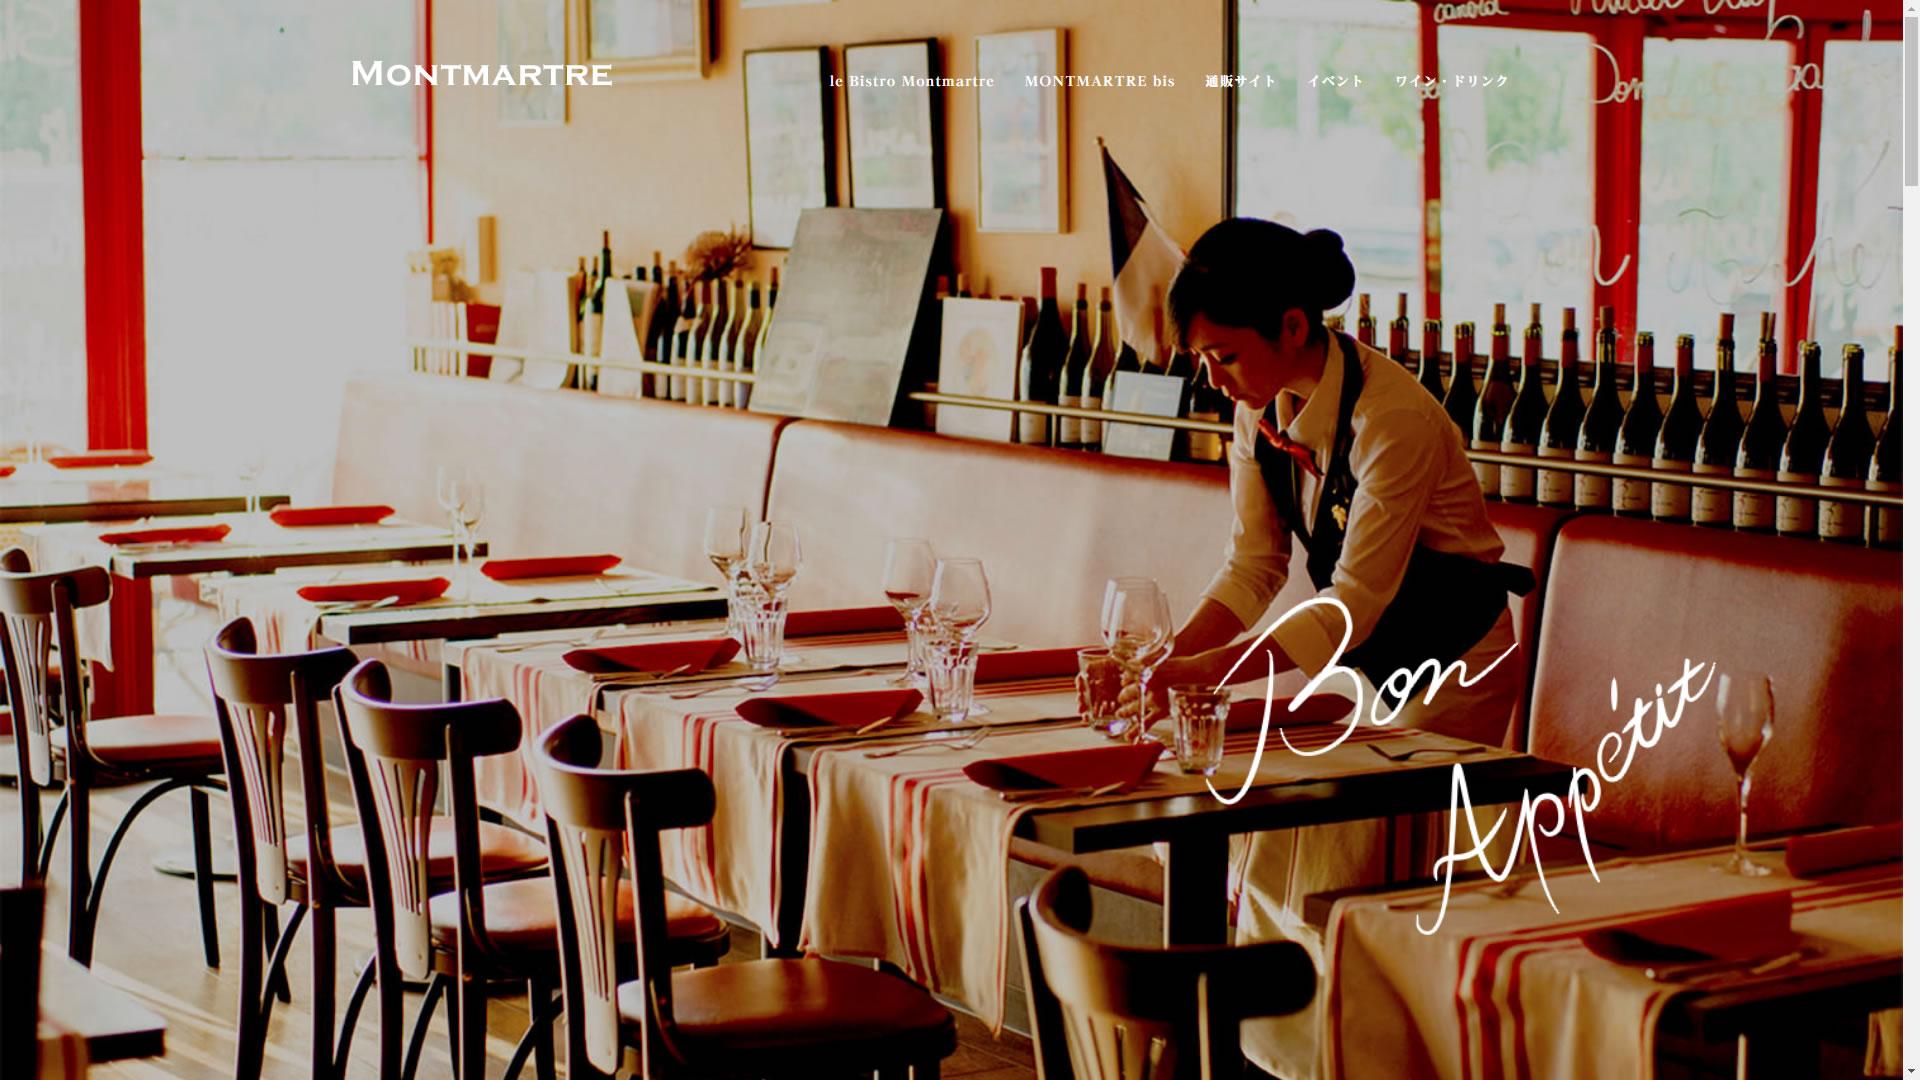 那覇市でフランス料理店をお探しの方は、本格フレンチを提供するビストロ・モンマルトル